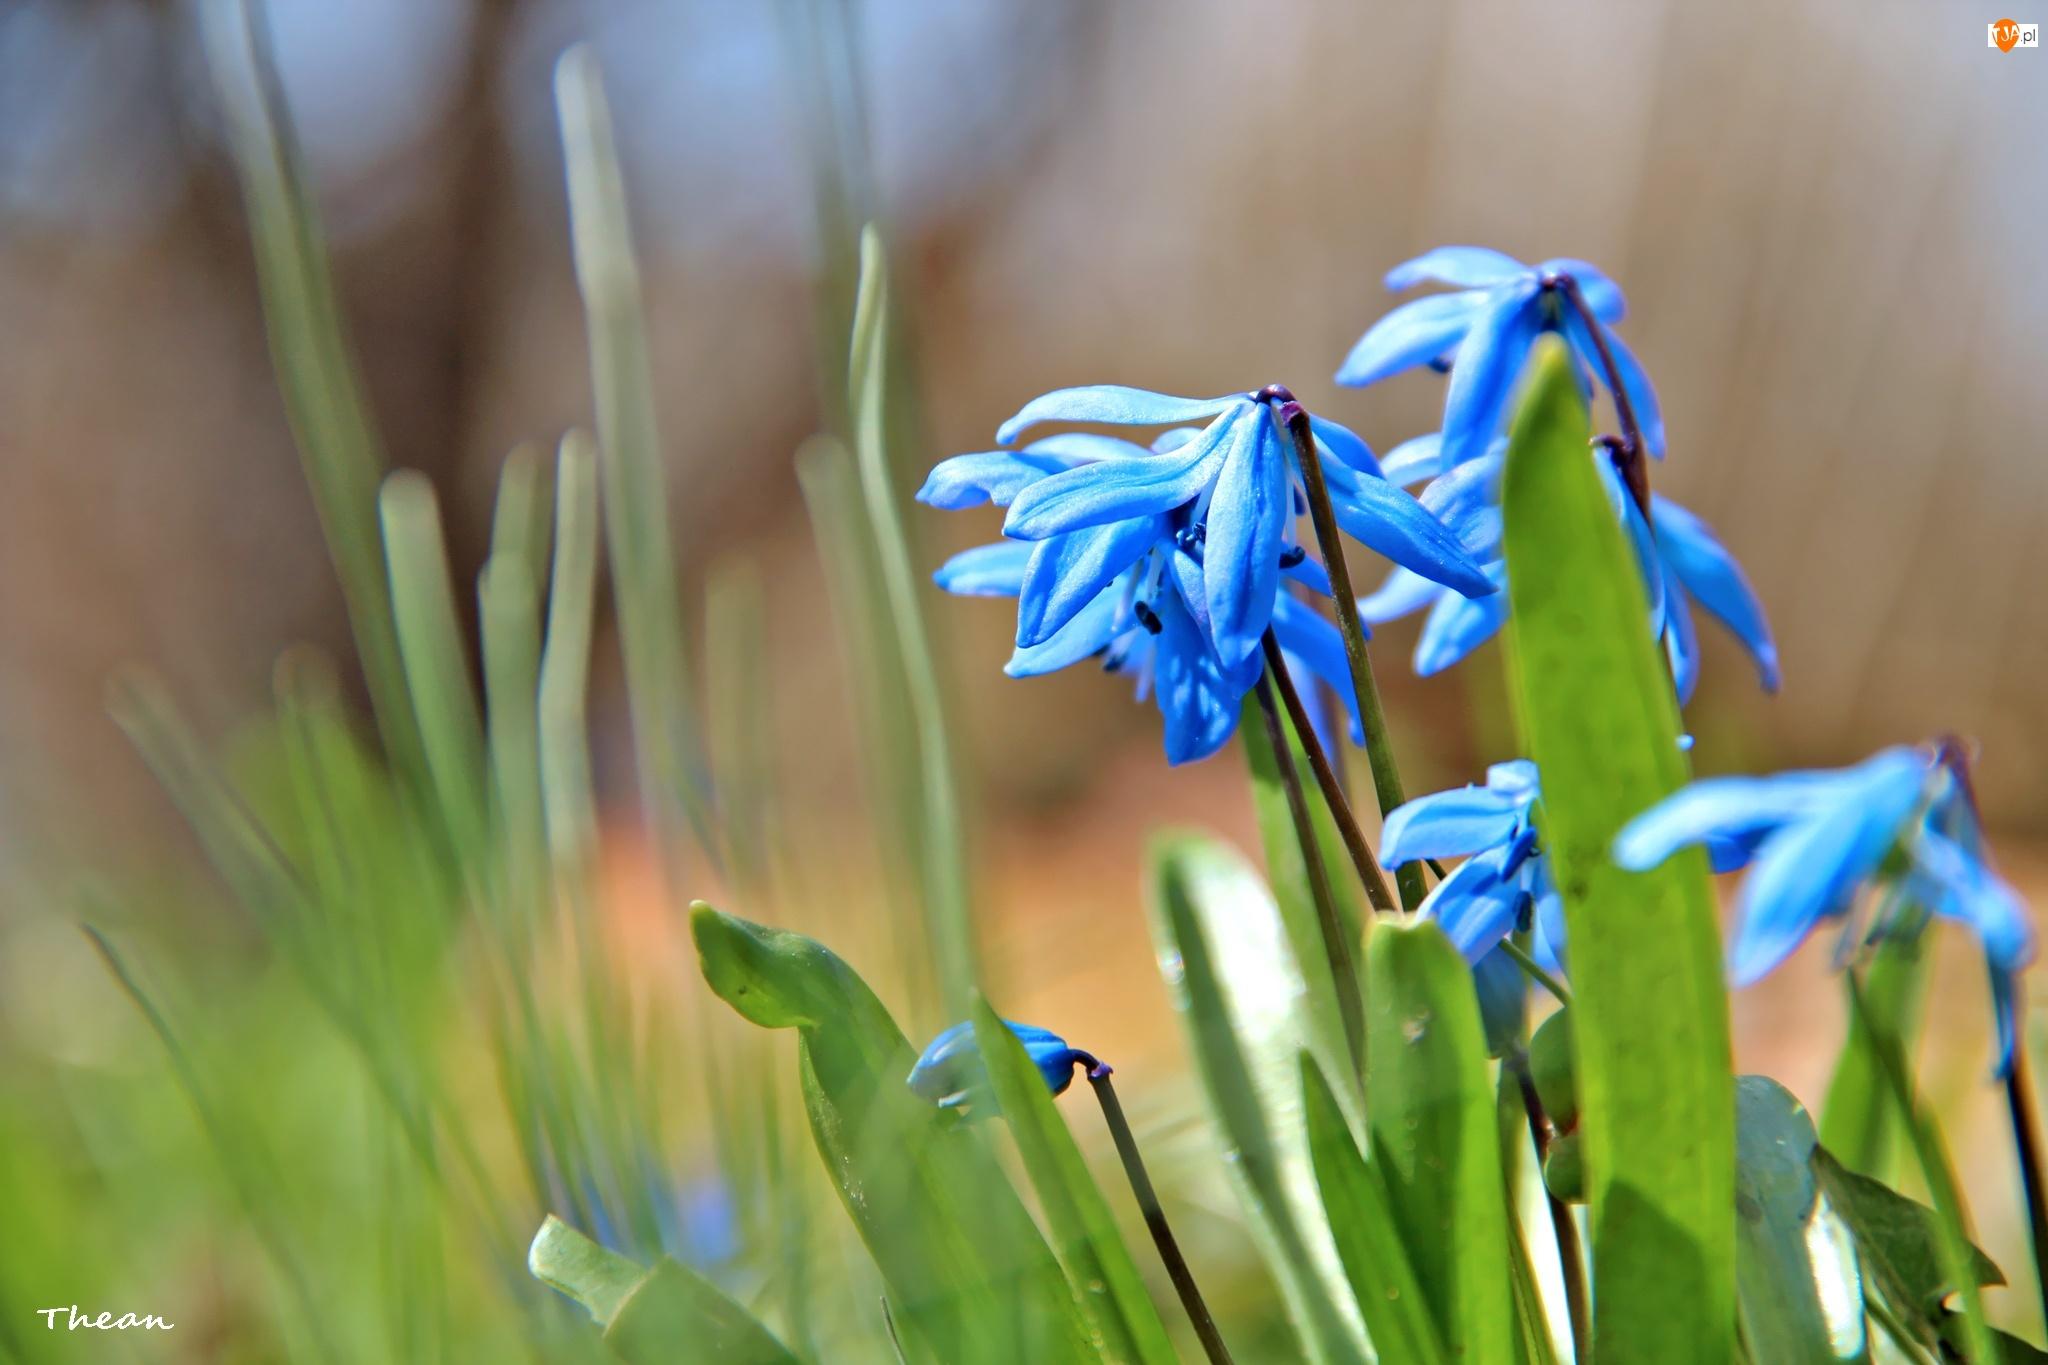 Cebulica Syberyjska, Wiosna, Niebieskie, Kwiaty